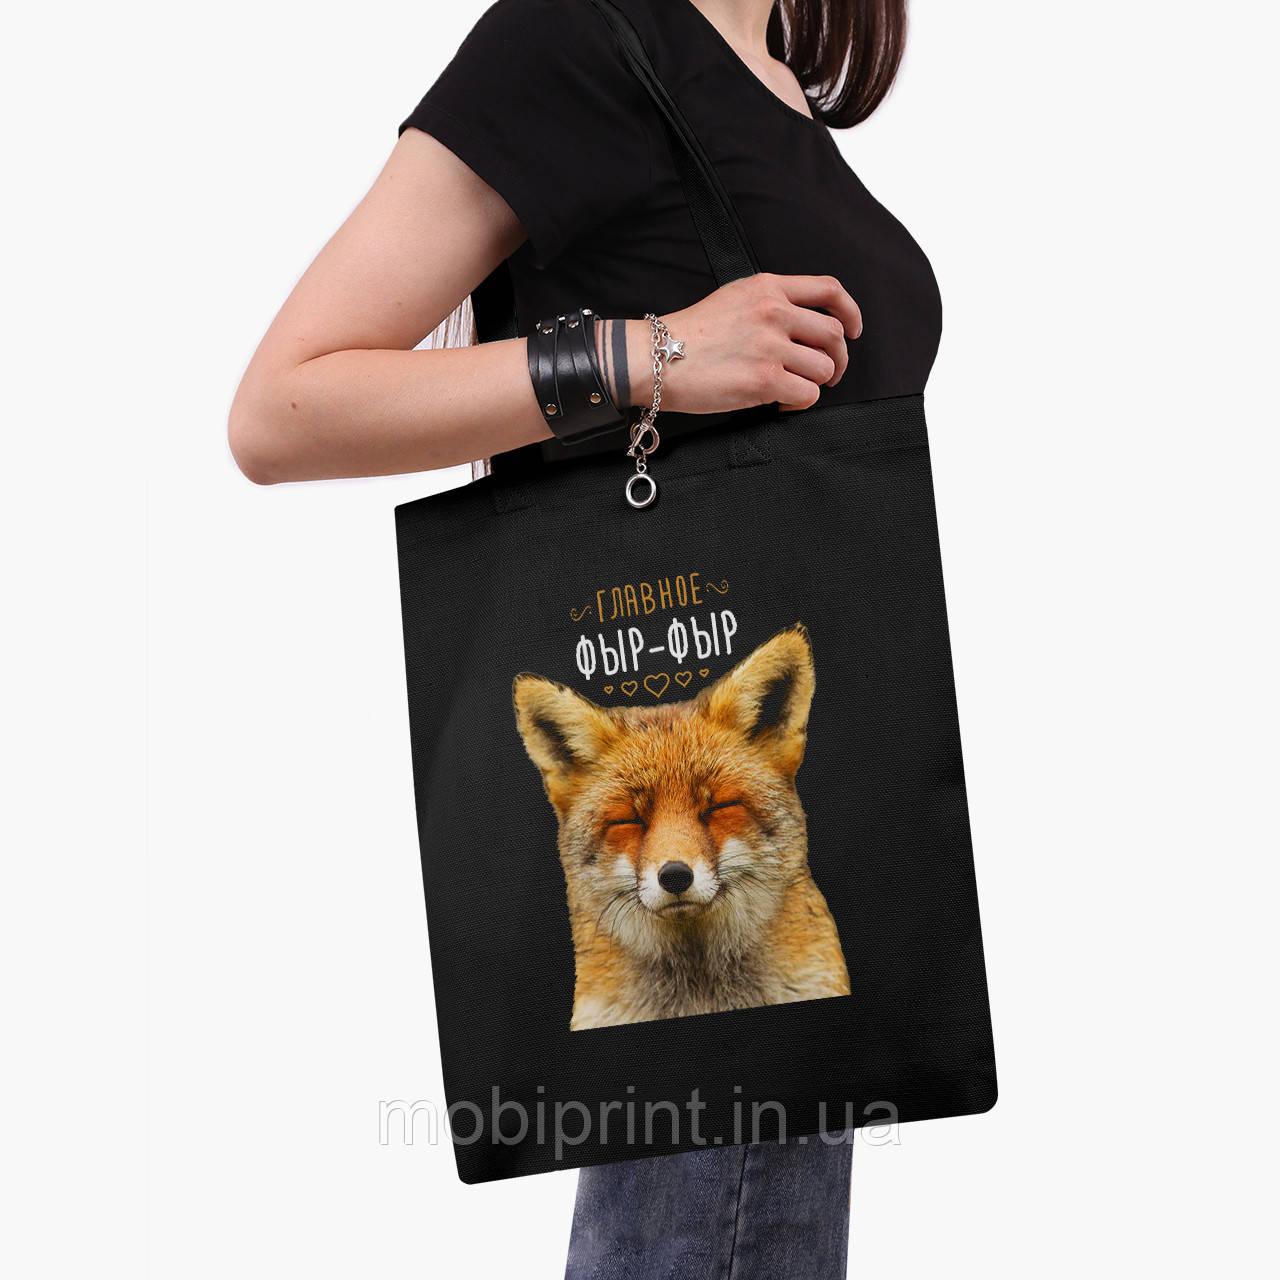 Эко сумка шоппер черная Главное ФЫР ФЫР (9227-1267-2)  экосумка шопер 41*35 см